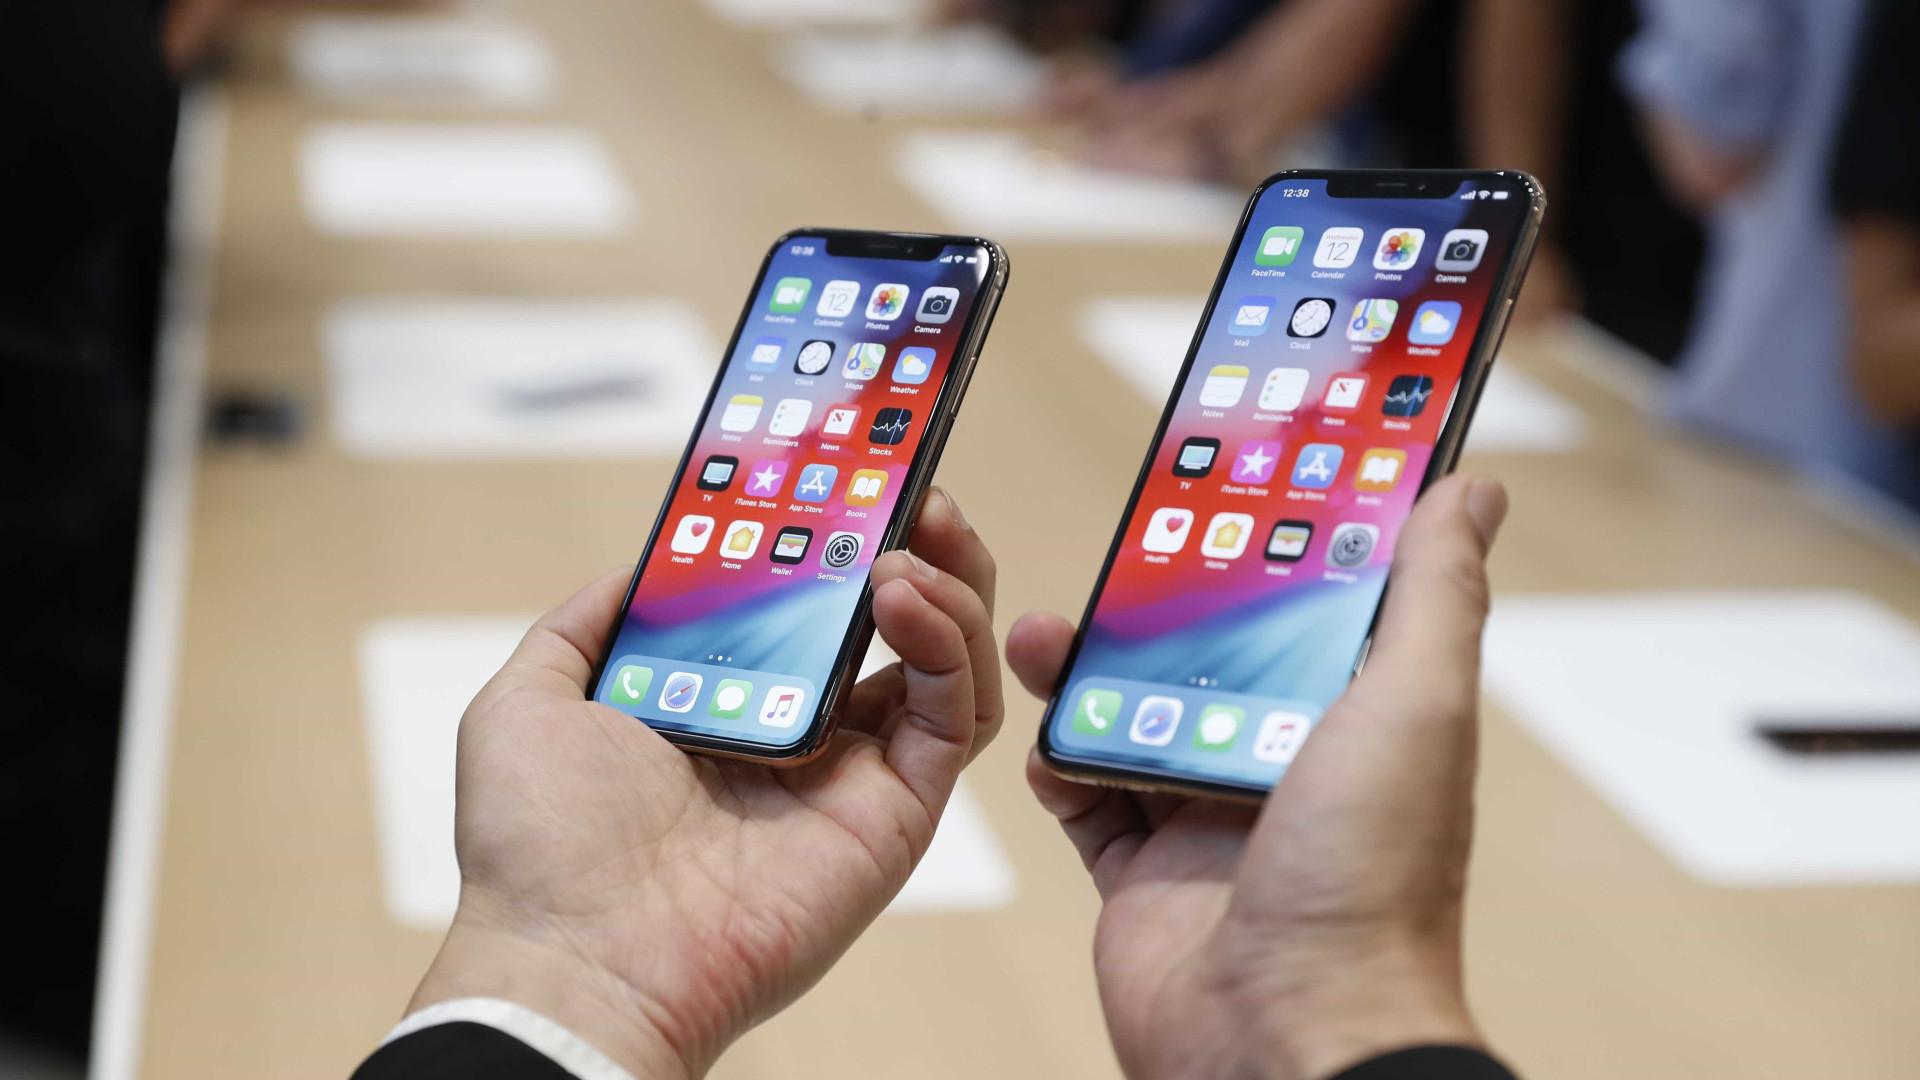 Confira detalhes sobre o maior iPhone já lançado